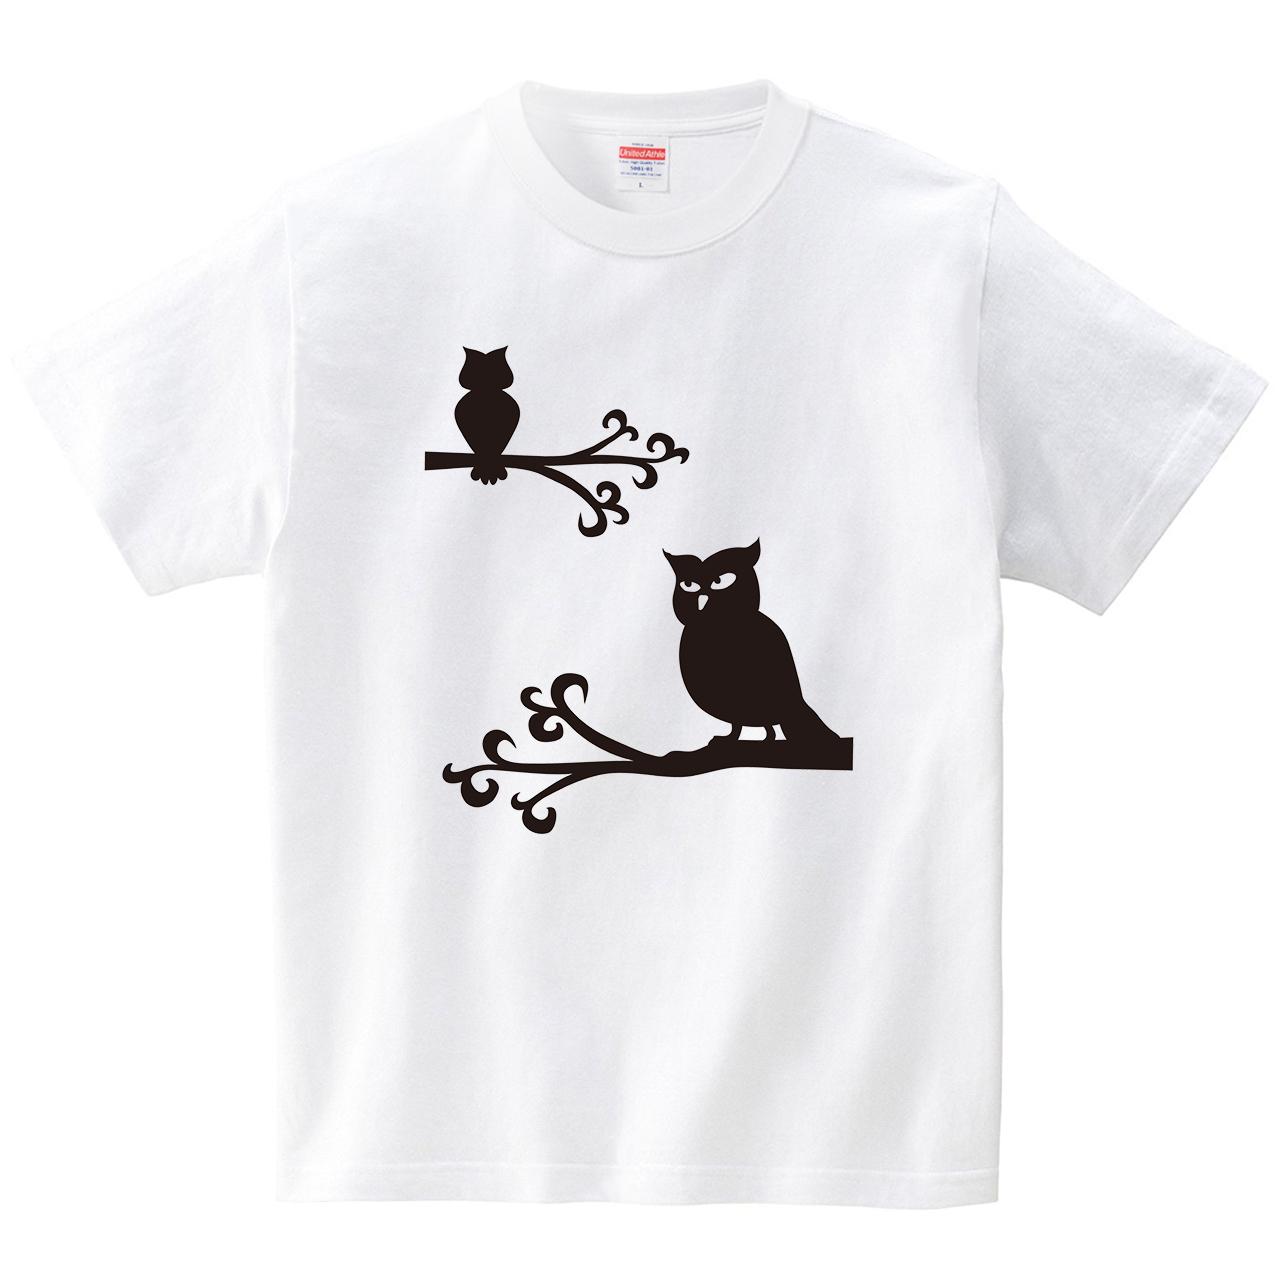 ミミズクさん?フクロウさん?(Tシャツ・ホワイト)(CHATON_CATON_T)